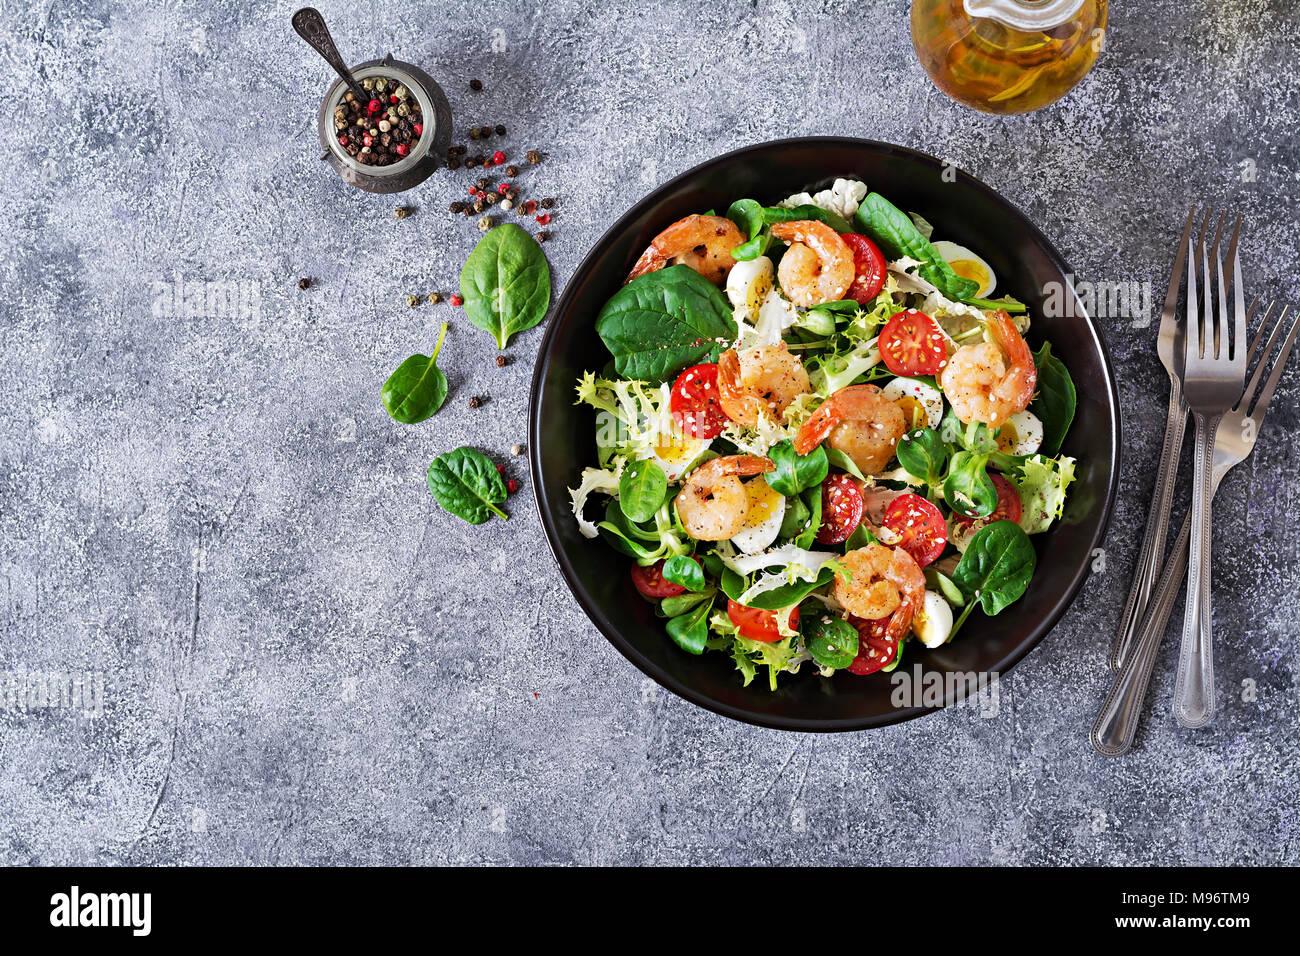 Salade saine plaque. Recette de fruits de mer frais. Crevettes grillées et salade de légumes frais et d'oeufs. Gambas grillées. Alimentation saine. Mise à plat. Vue d'en haut Photo Stock